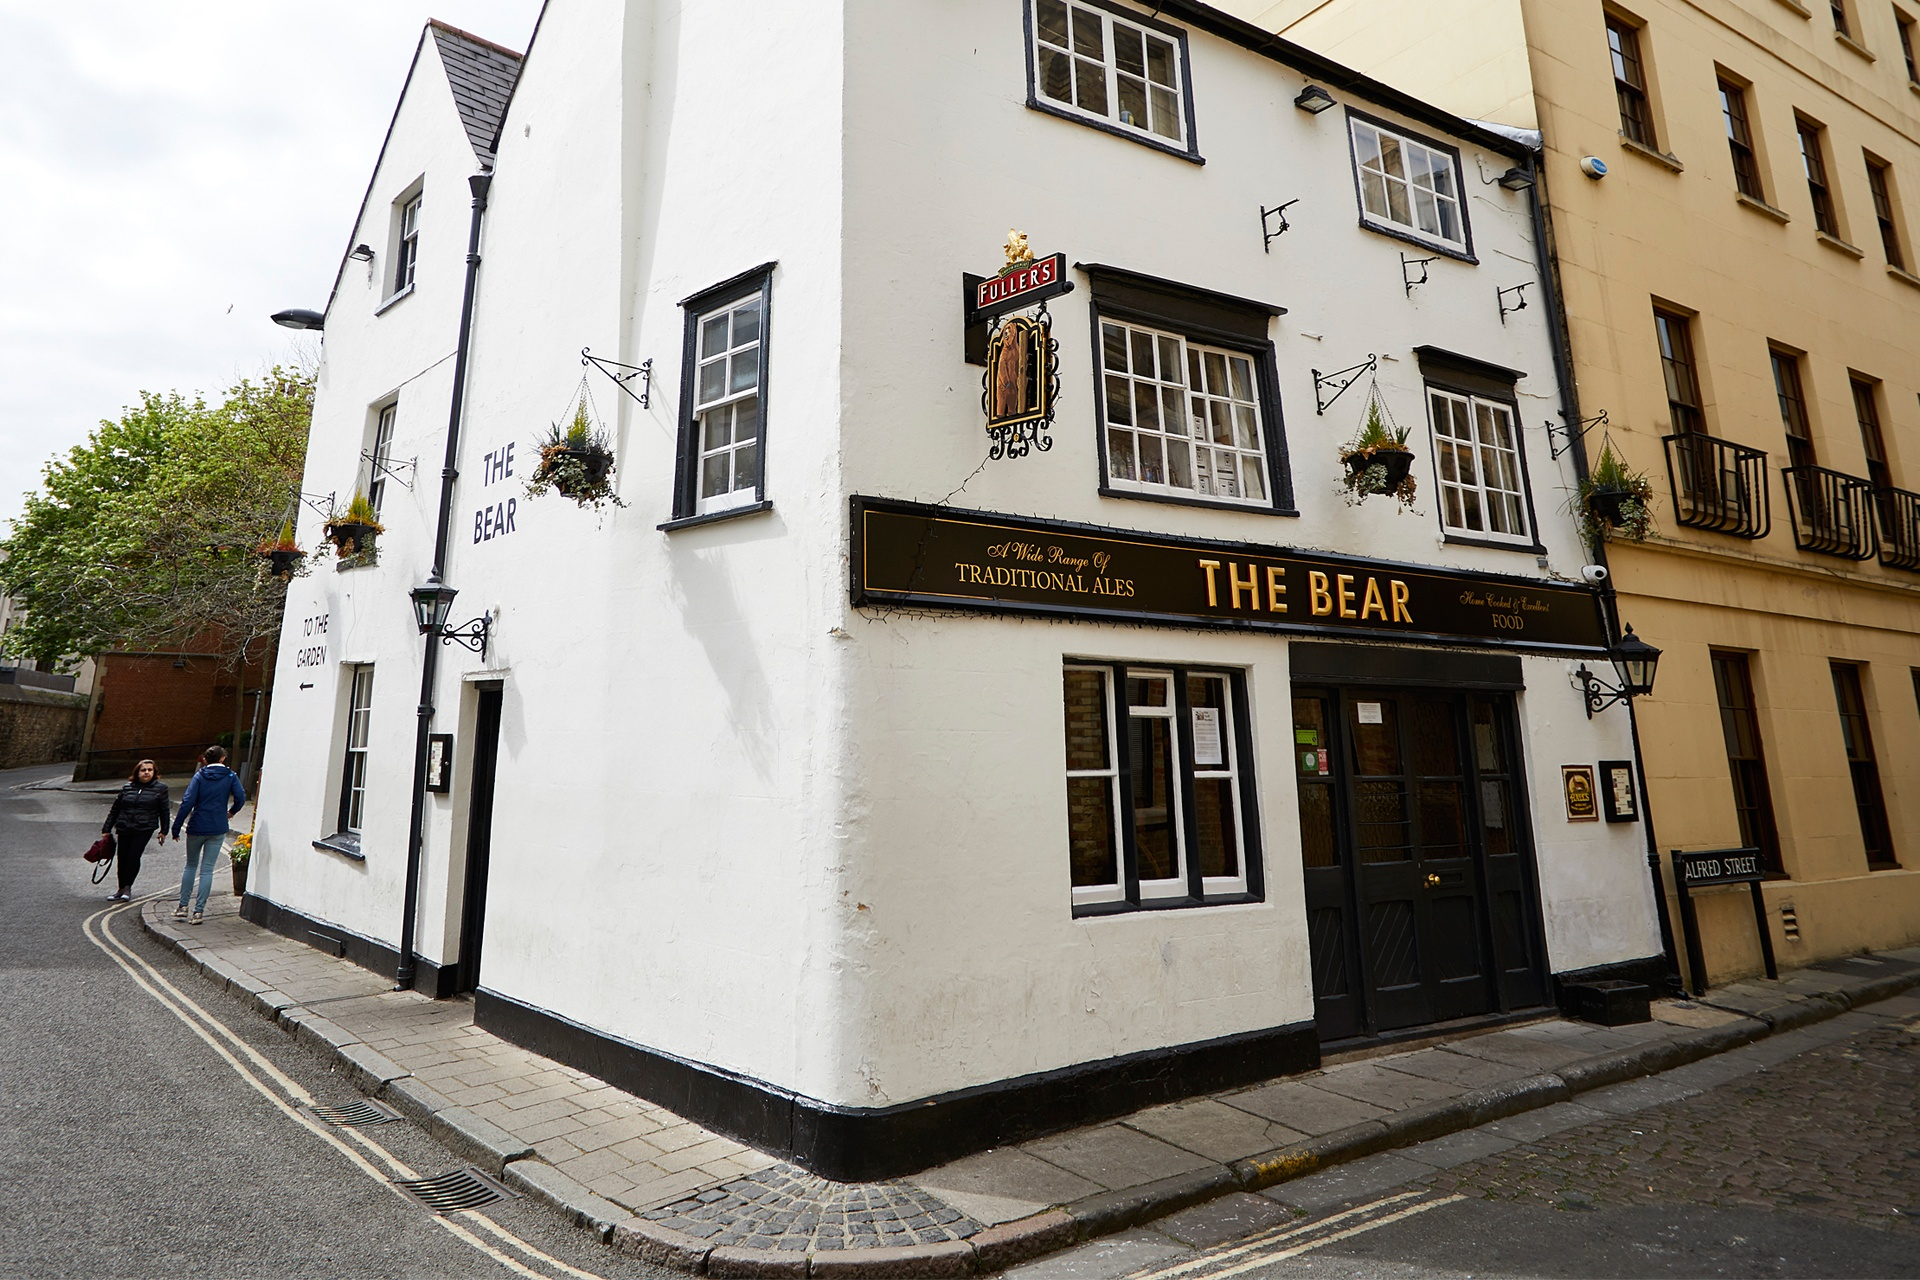 The Bear Inn - Fuller's Pub and Restaurant in Oxford